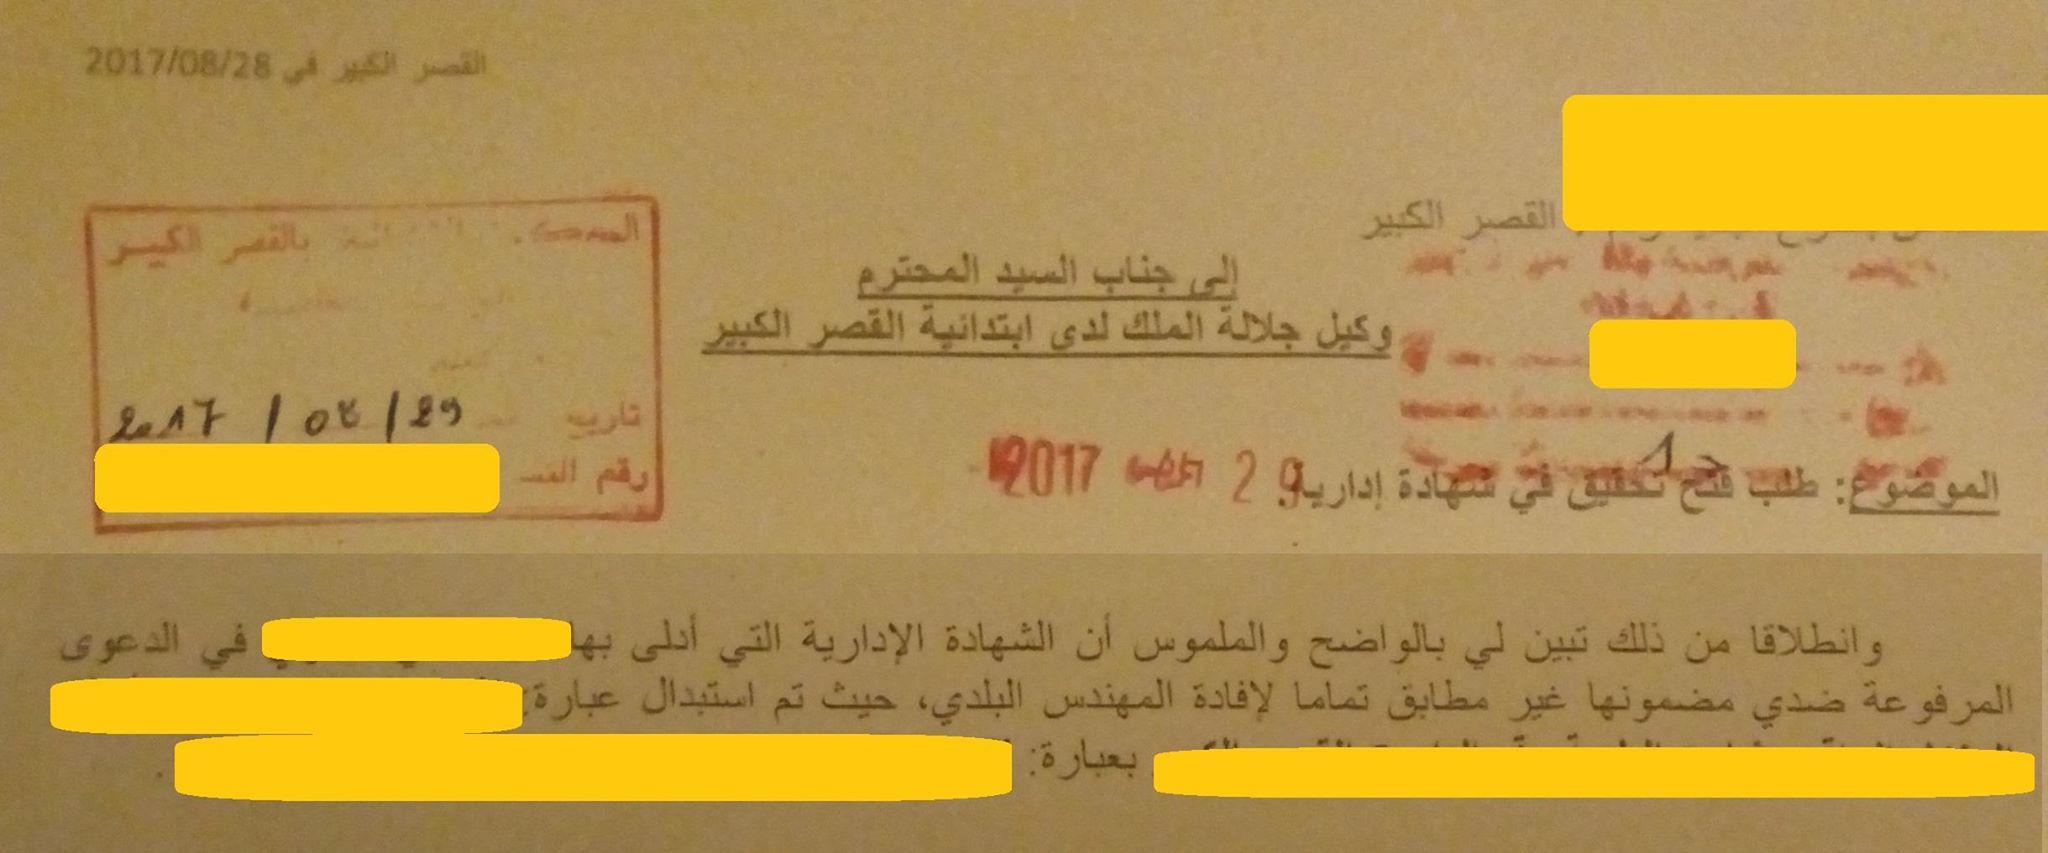 فتح تحقيق في شهادة إدارية صادرة عن بلدية القصر الكبير